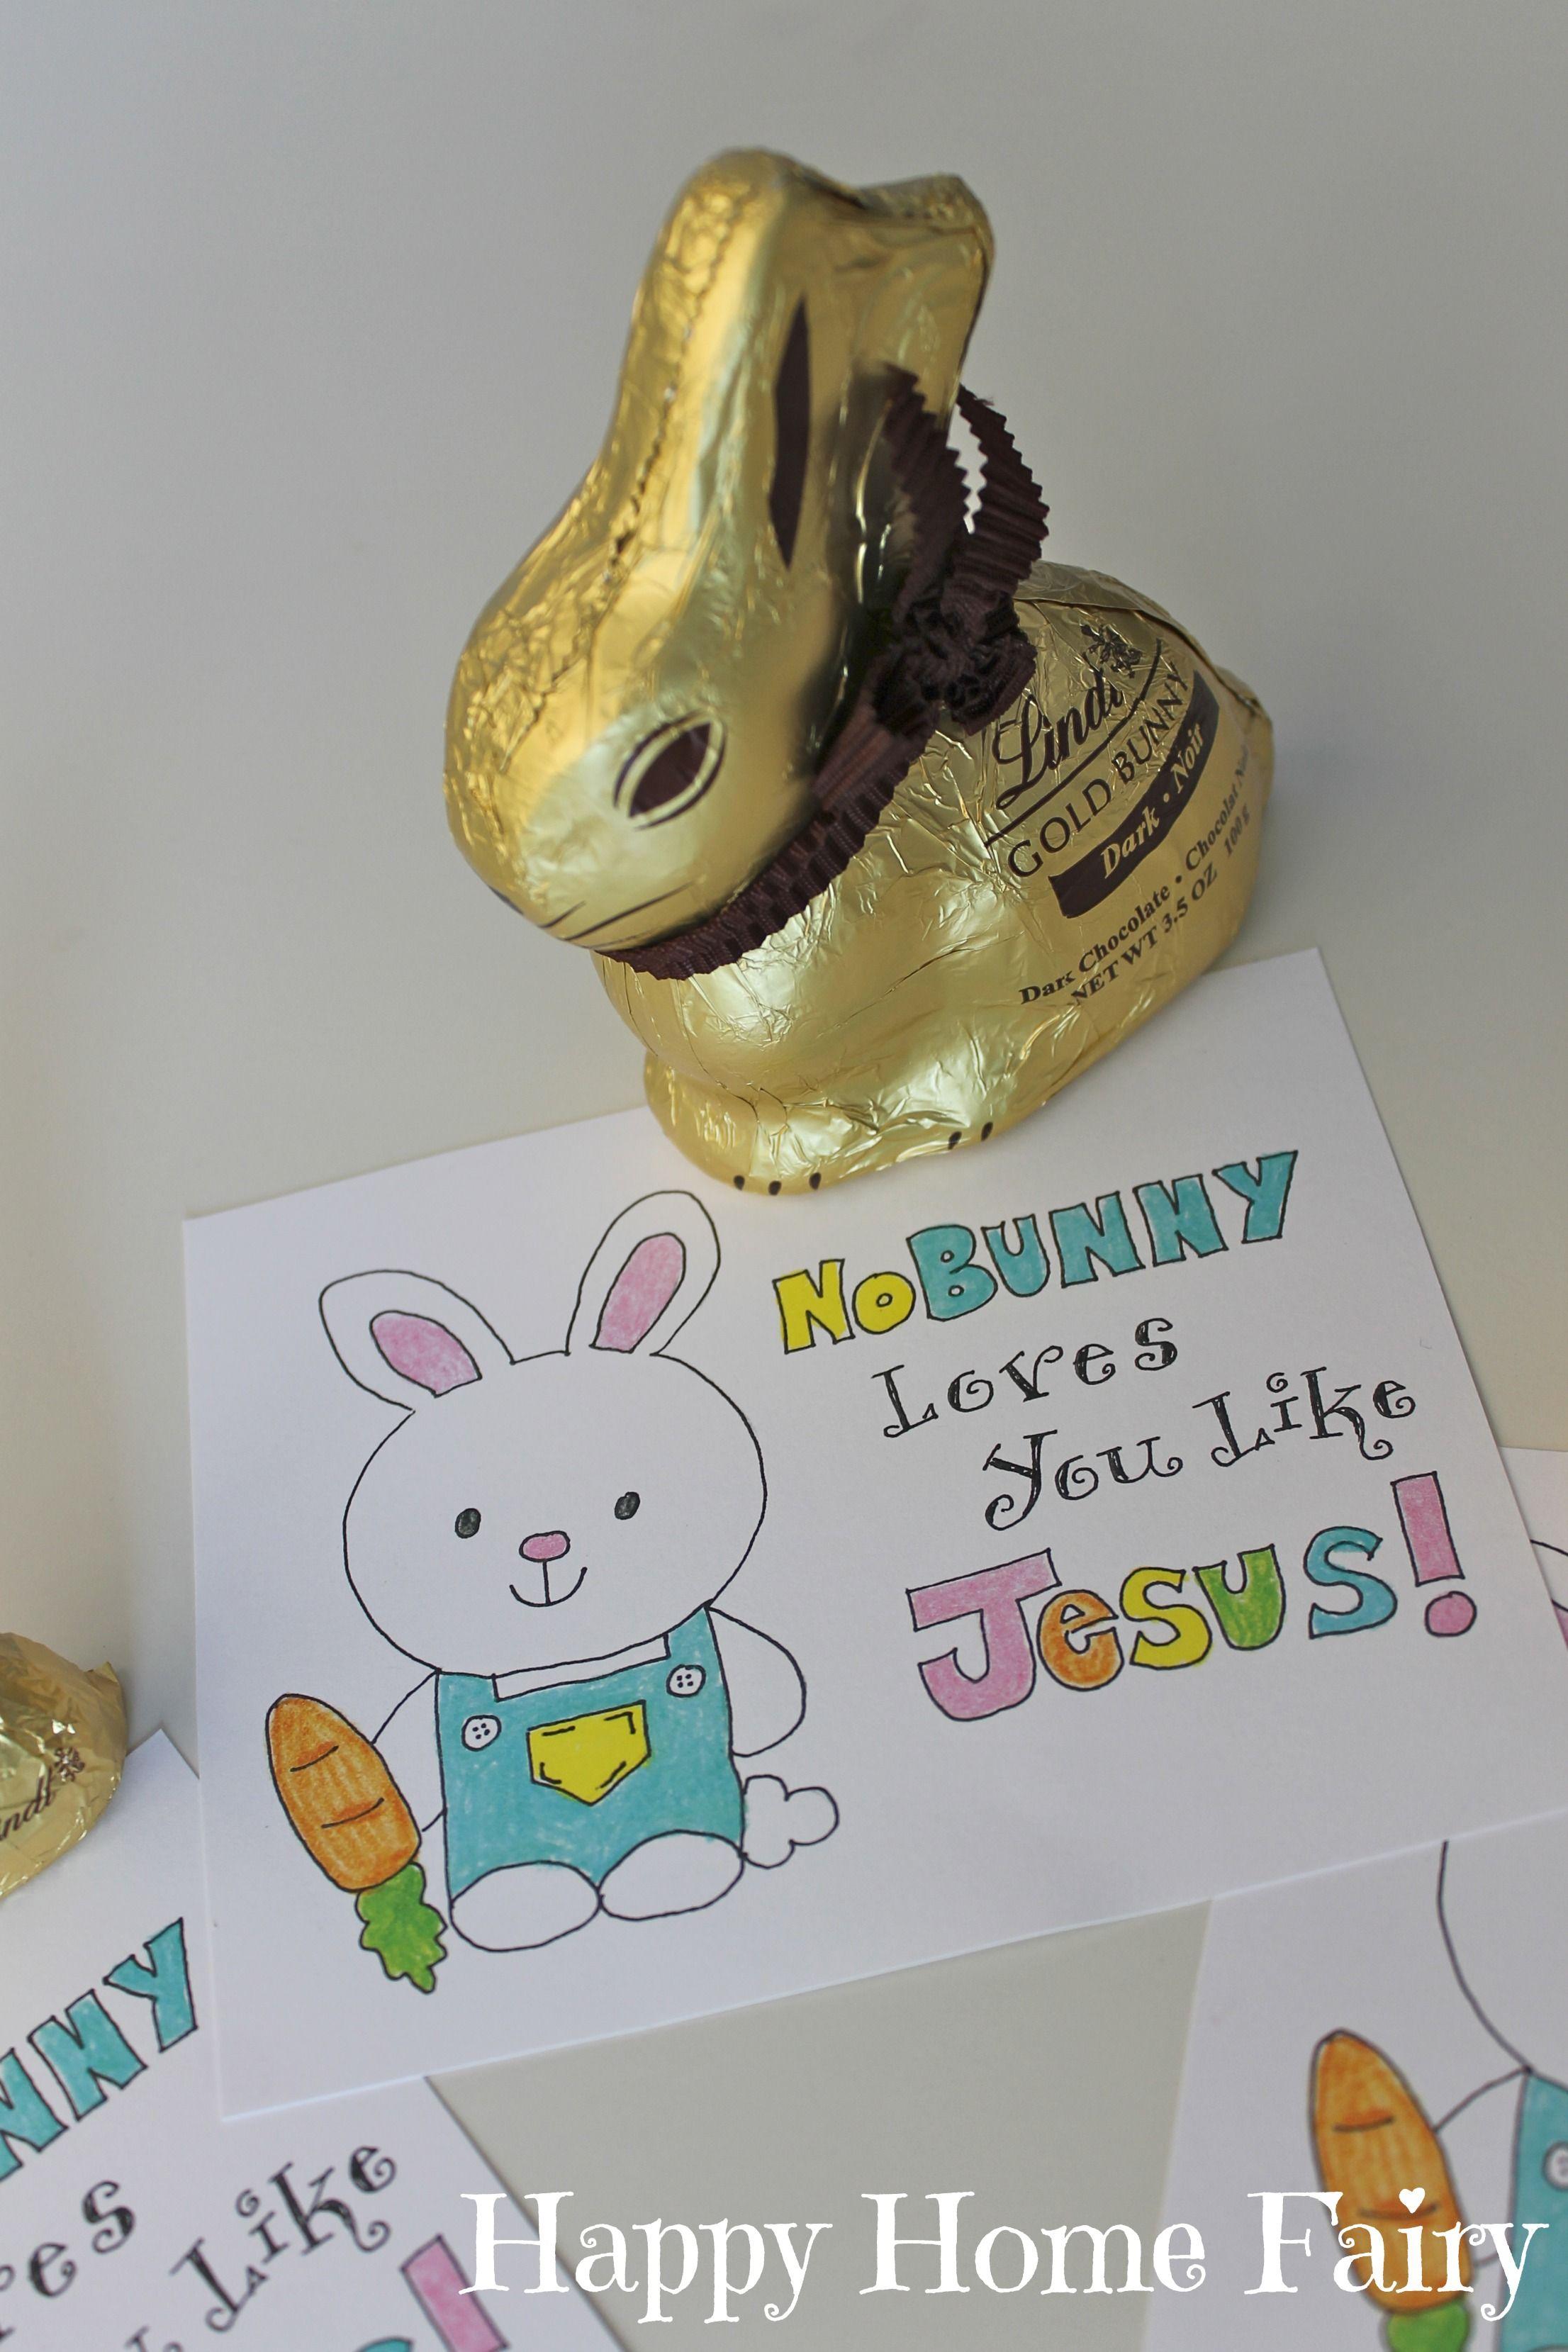 Nobunny Loves You Like Jesus